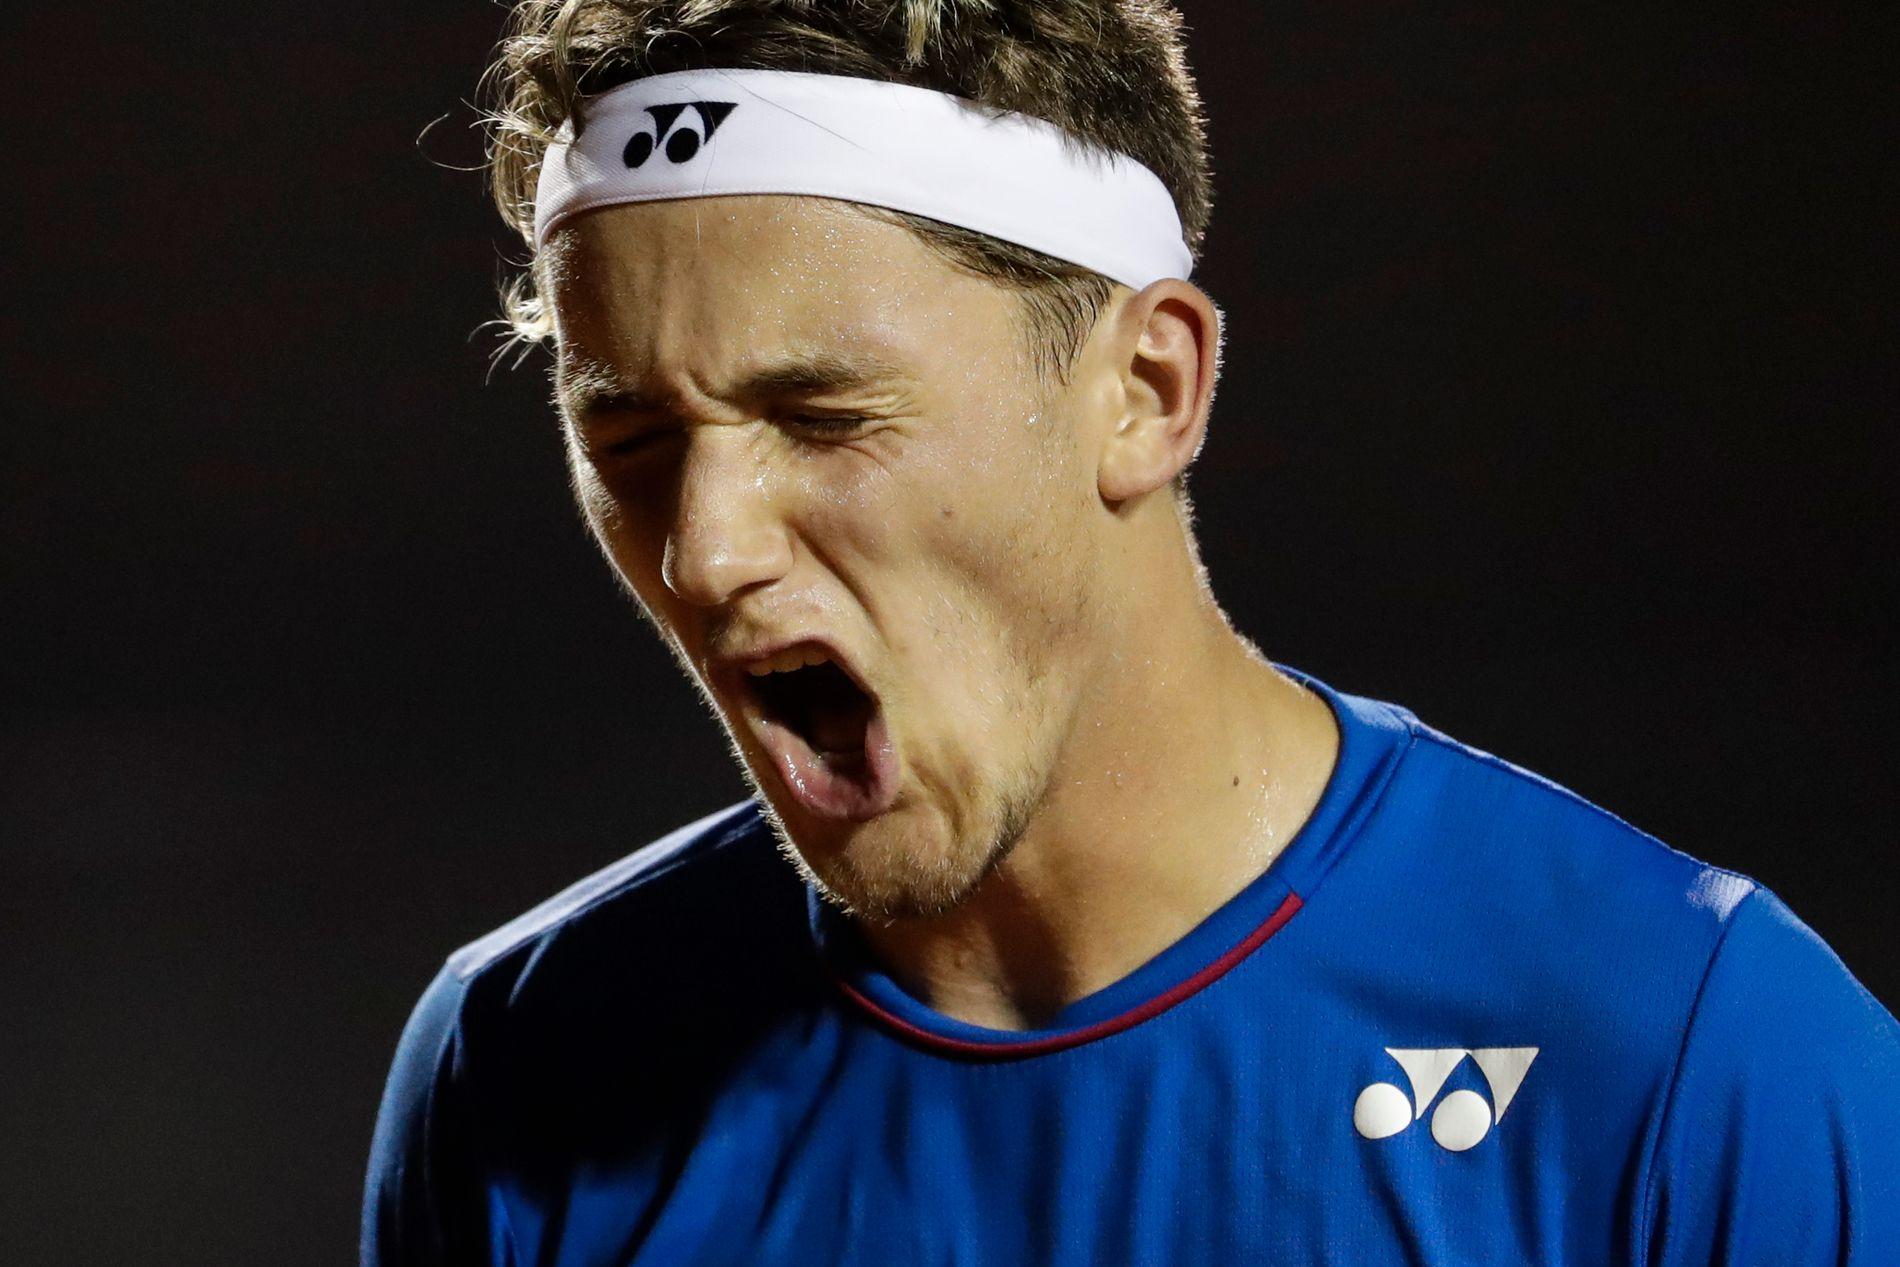 KJEMPER FOR NY TRIUMF: Casper Ruud kom til semifinalen i brasilianske Rio Open (bildet) sist måned. Nå er 18-åringen på plass i USA for å spille Miami Open.